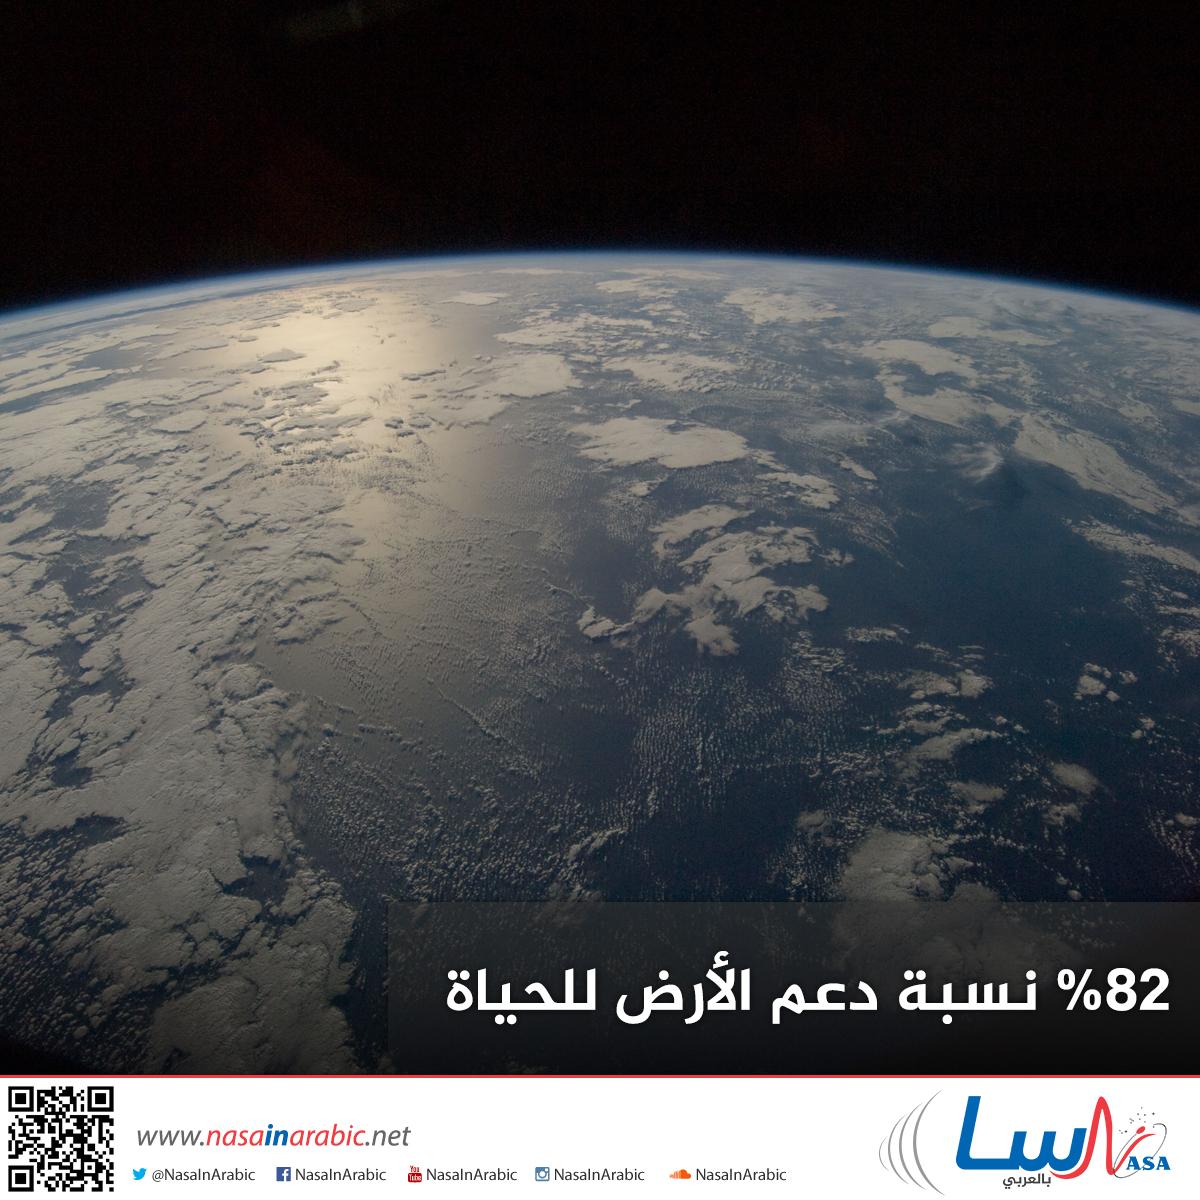 %82 نسبة دعم الأرض للحياة